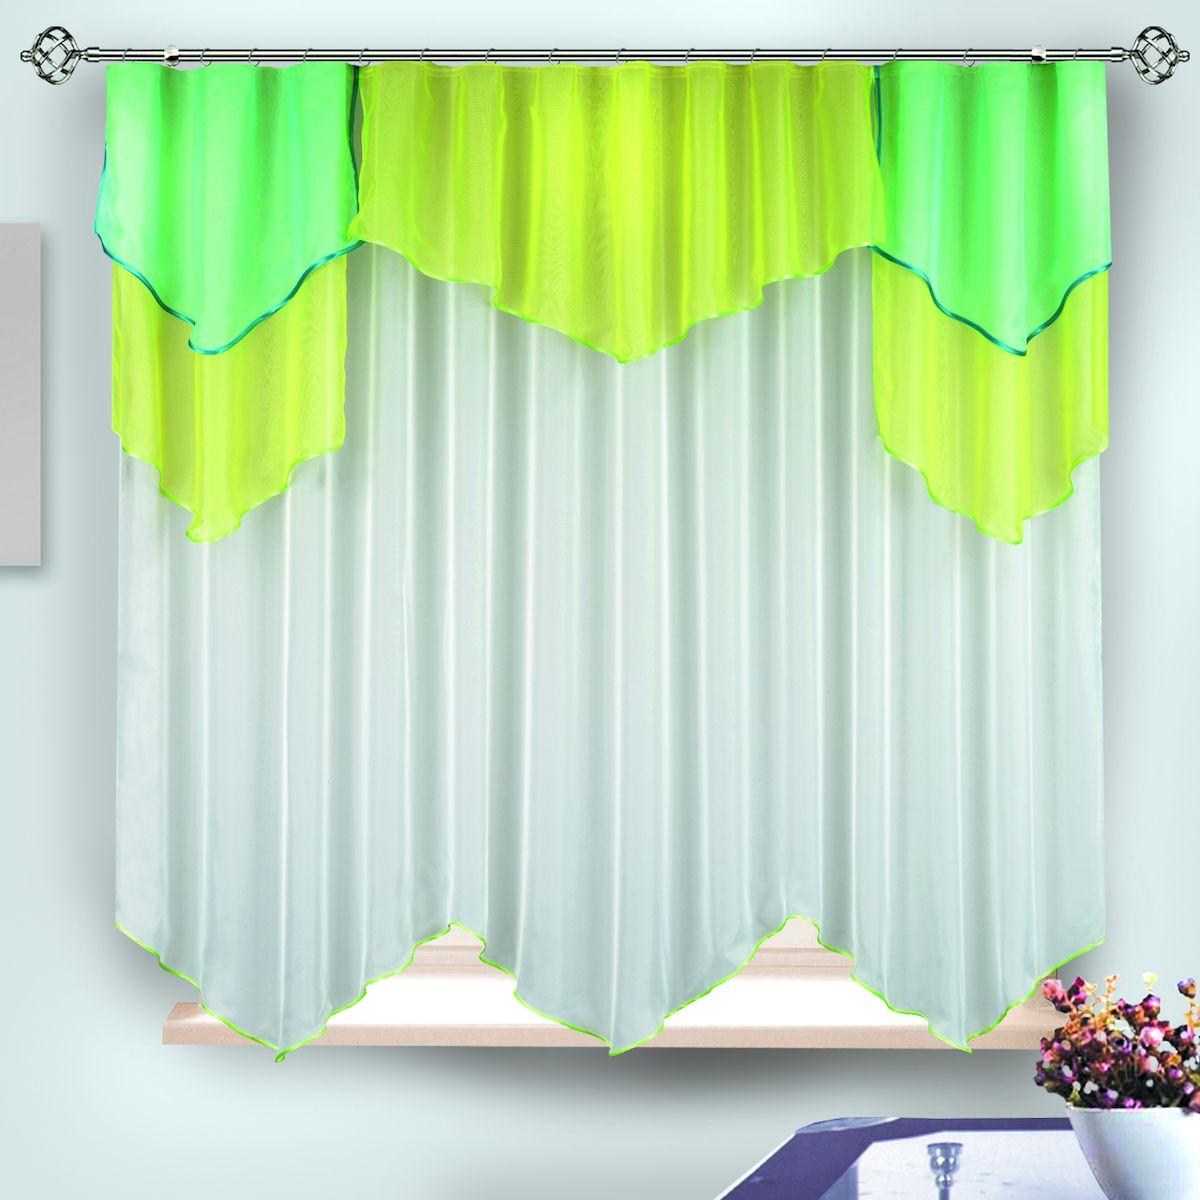 Комплект штор для кухни Zlata Korunka, на ленте, цвет: желтый, зеленый, белый, высота 170 см. 333399910Комплект штор для кухни Zlata Korunka, выполненный из полиэстера, великолепно украсит любое окно. Комплект состоит из тюля и ламбрекена. Оригинальный крой и приятная цветовая гамма привлекут к себе внимание и органично впишутся в интерьер помещения. Этот комплект будет долгое время радовать вас и вашу семью!Комплект крепится на карниз при помощи ленты, которая поможет красиво и равномерно задрапировать верх.В комплект входит: Ламбрекен: 1 шт. Размер (Ш х В): 280 х 85 см. Тюль: 1 шт. Размер (Ш х В): 280 х 170 см.